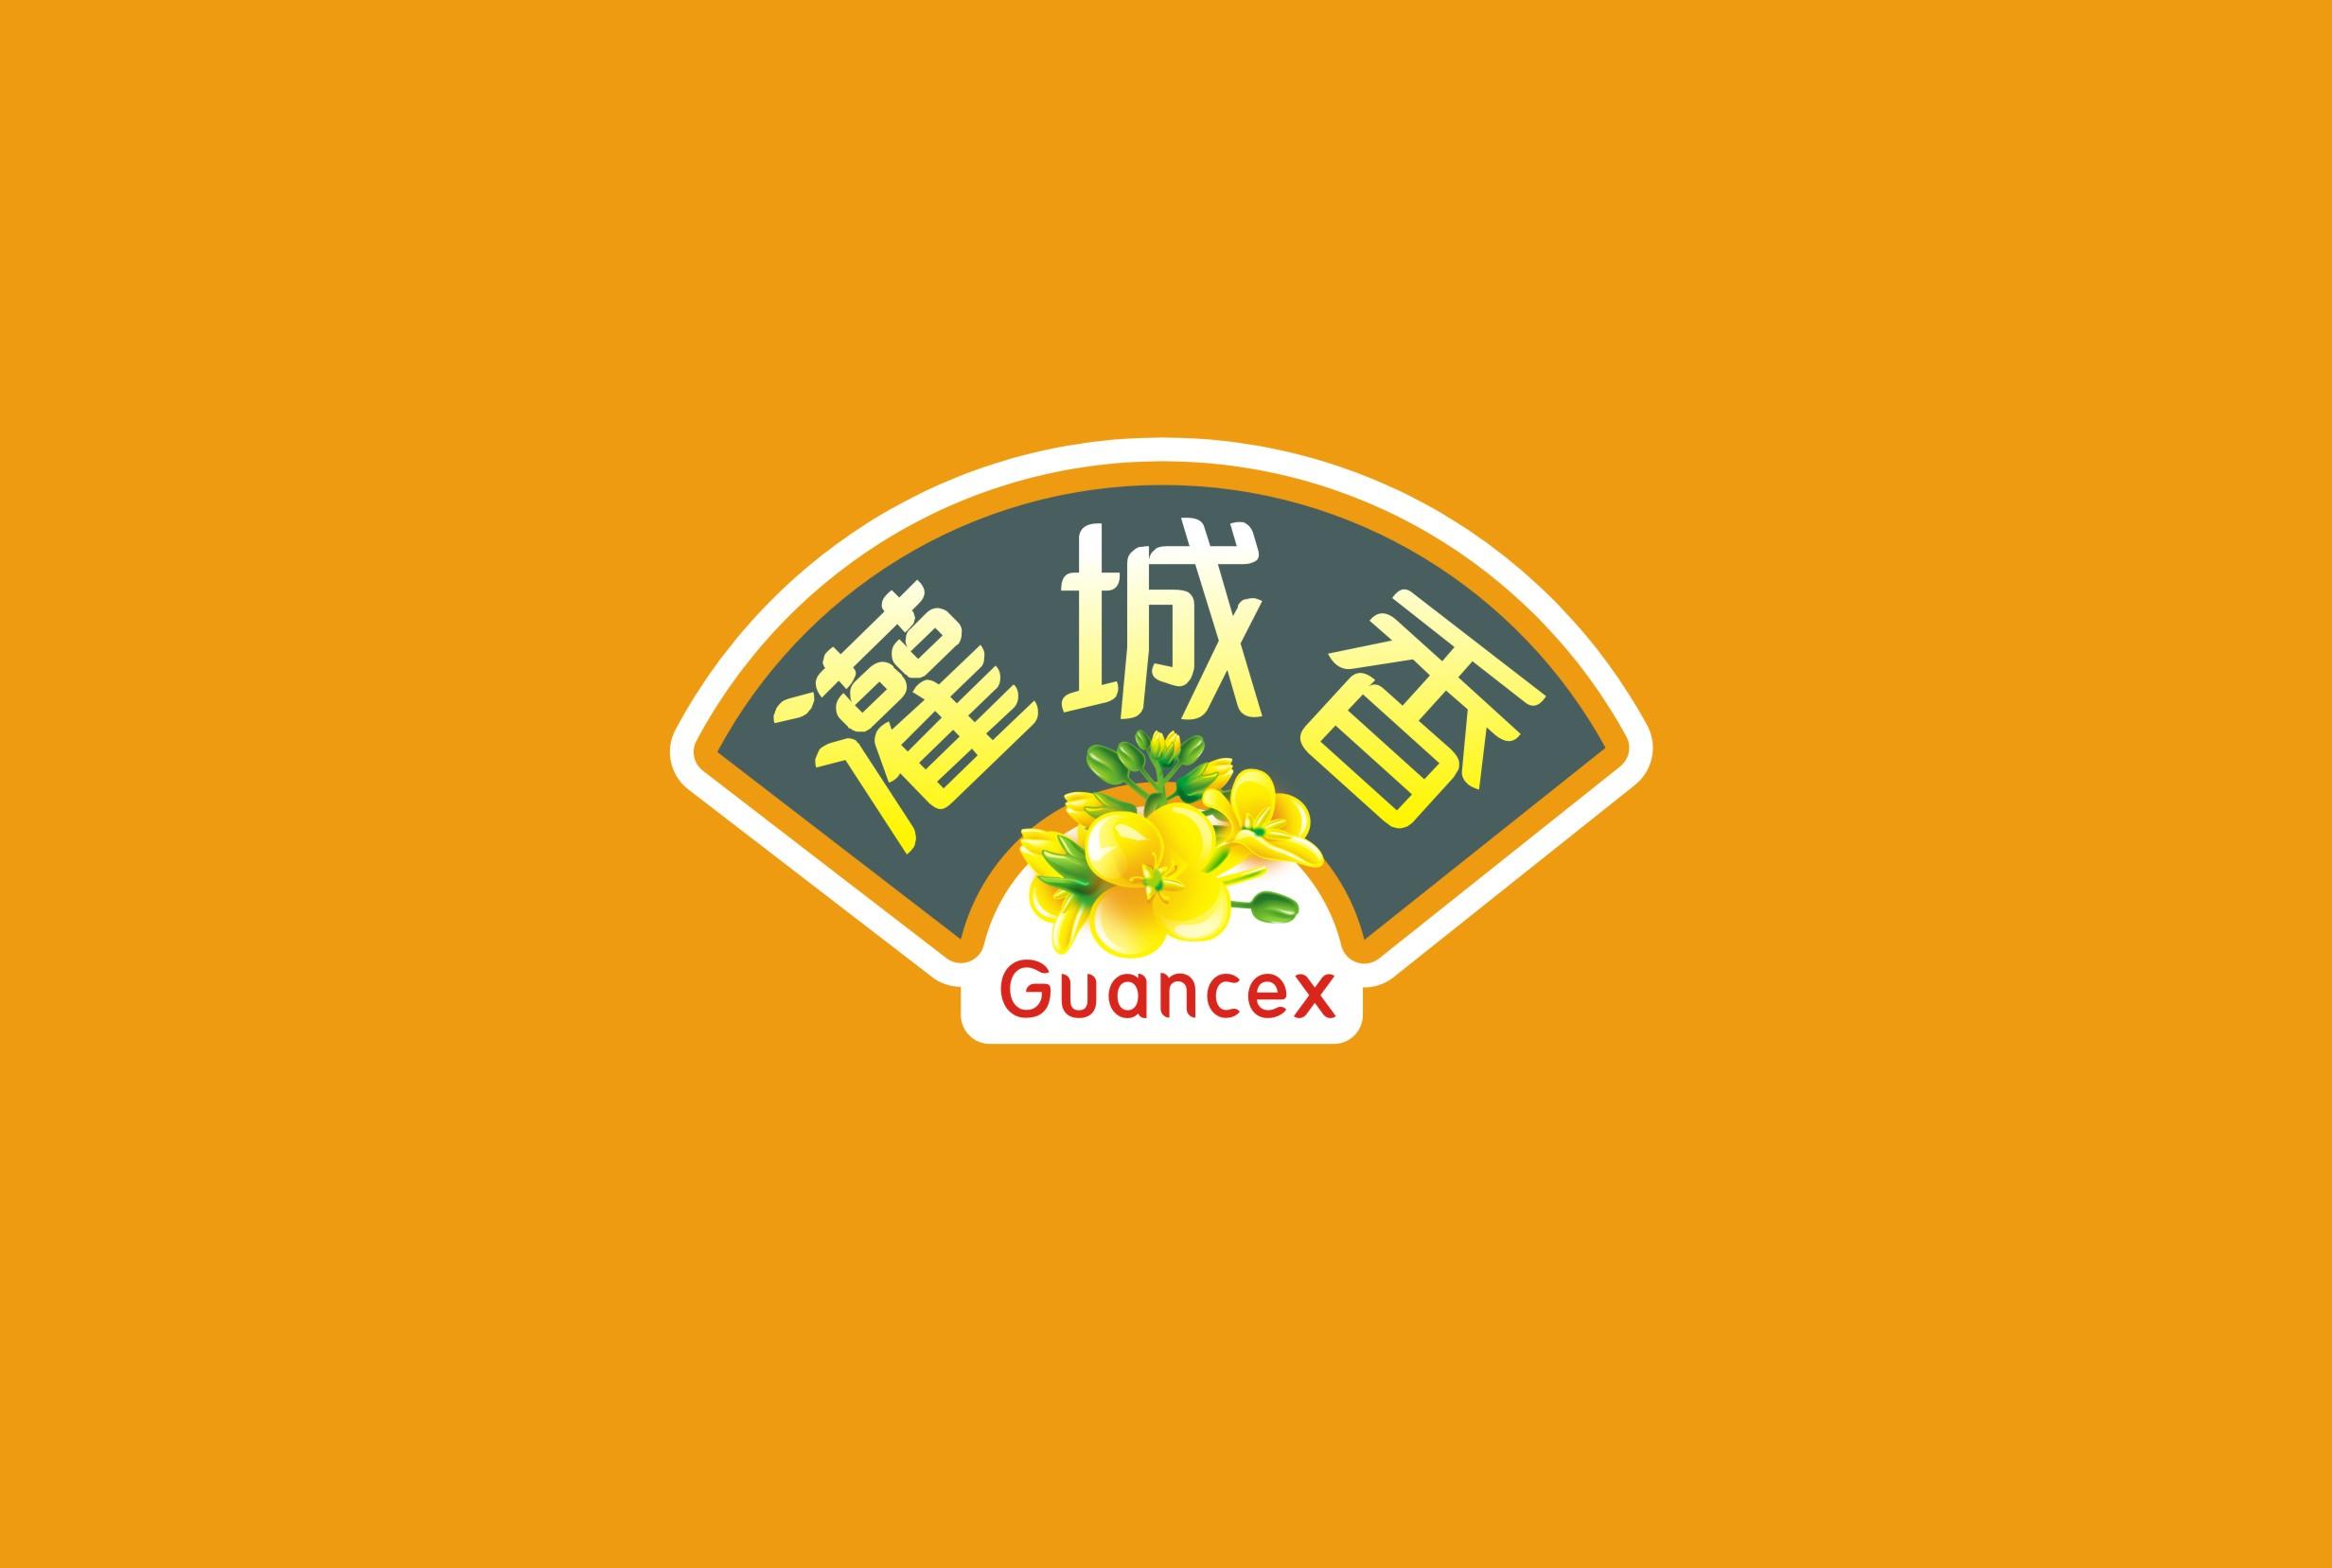 LOGO创意设计,品牌:灌城香_3033616_k68威客网